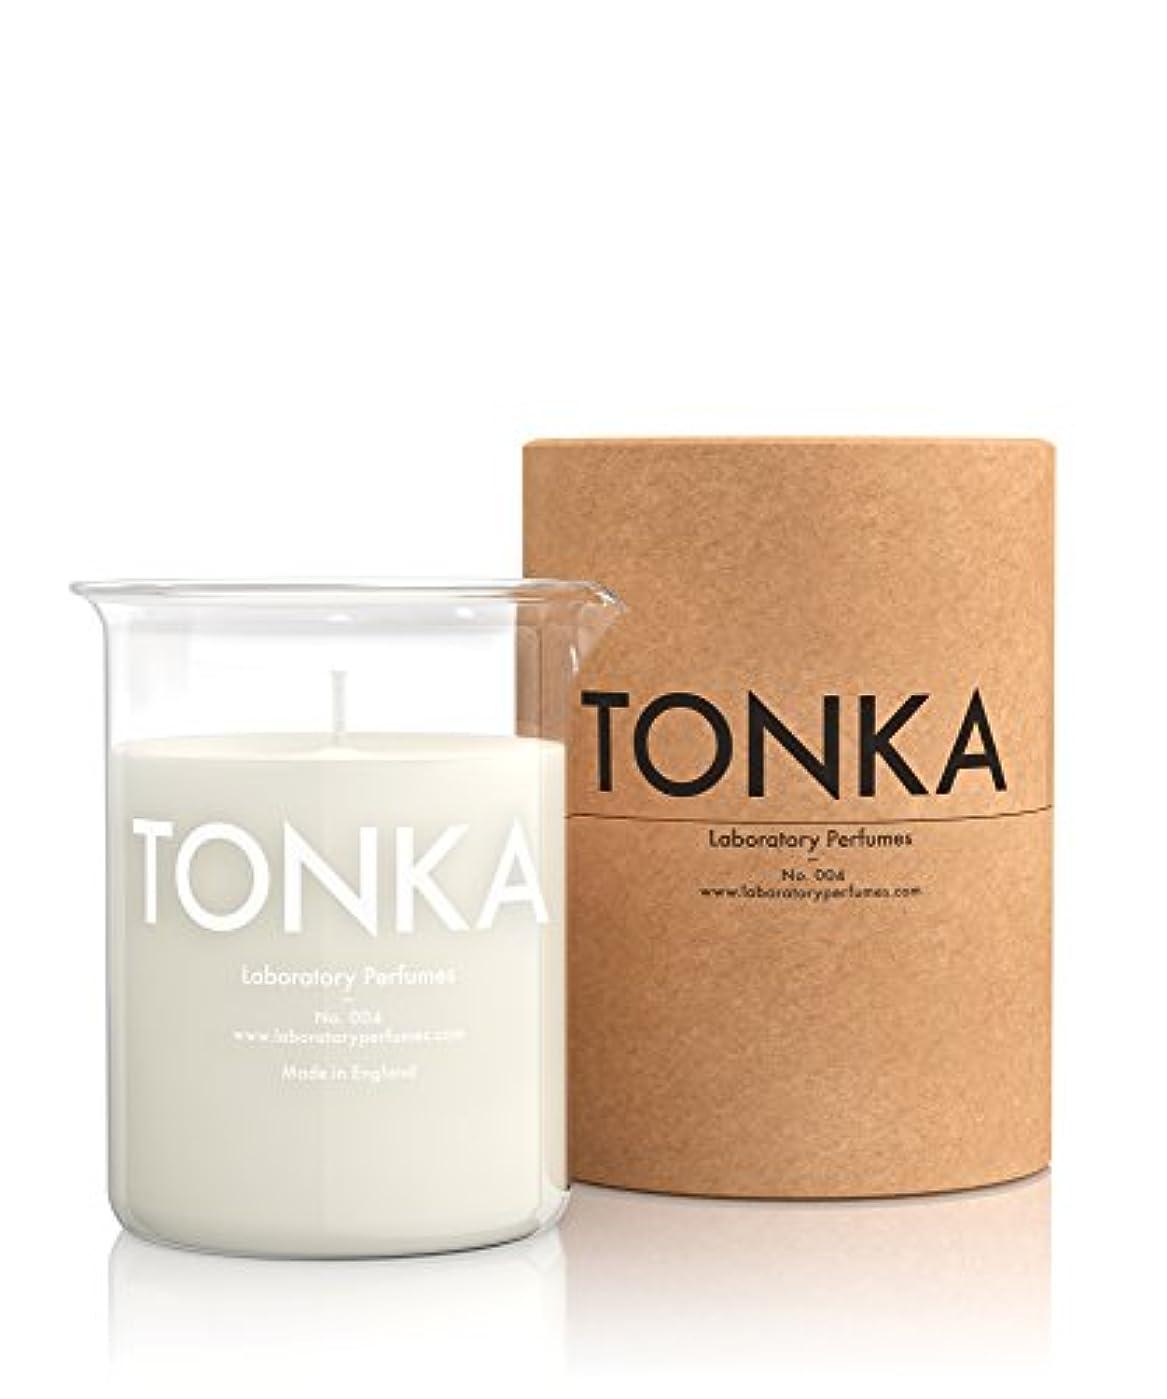 テメリティスラックトリッキーLabortory Perfumes キャンドル トンカ Tonka (アロマティックオリエンタル Aromatic Oriental) Candle ラボラトリー パフューム